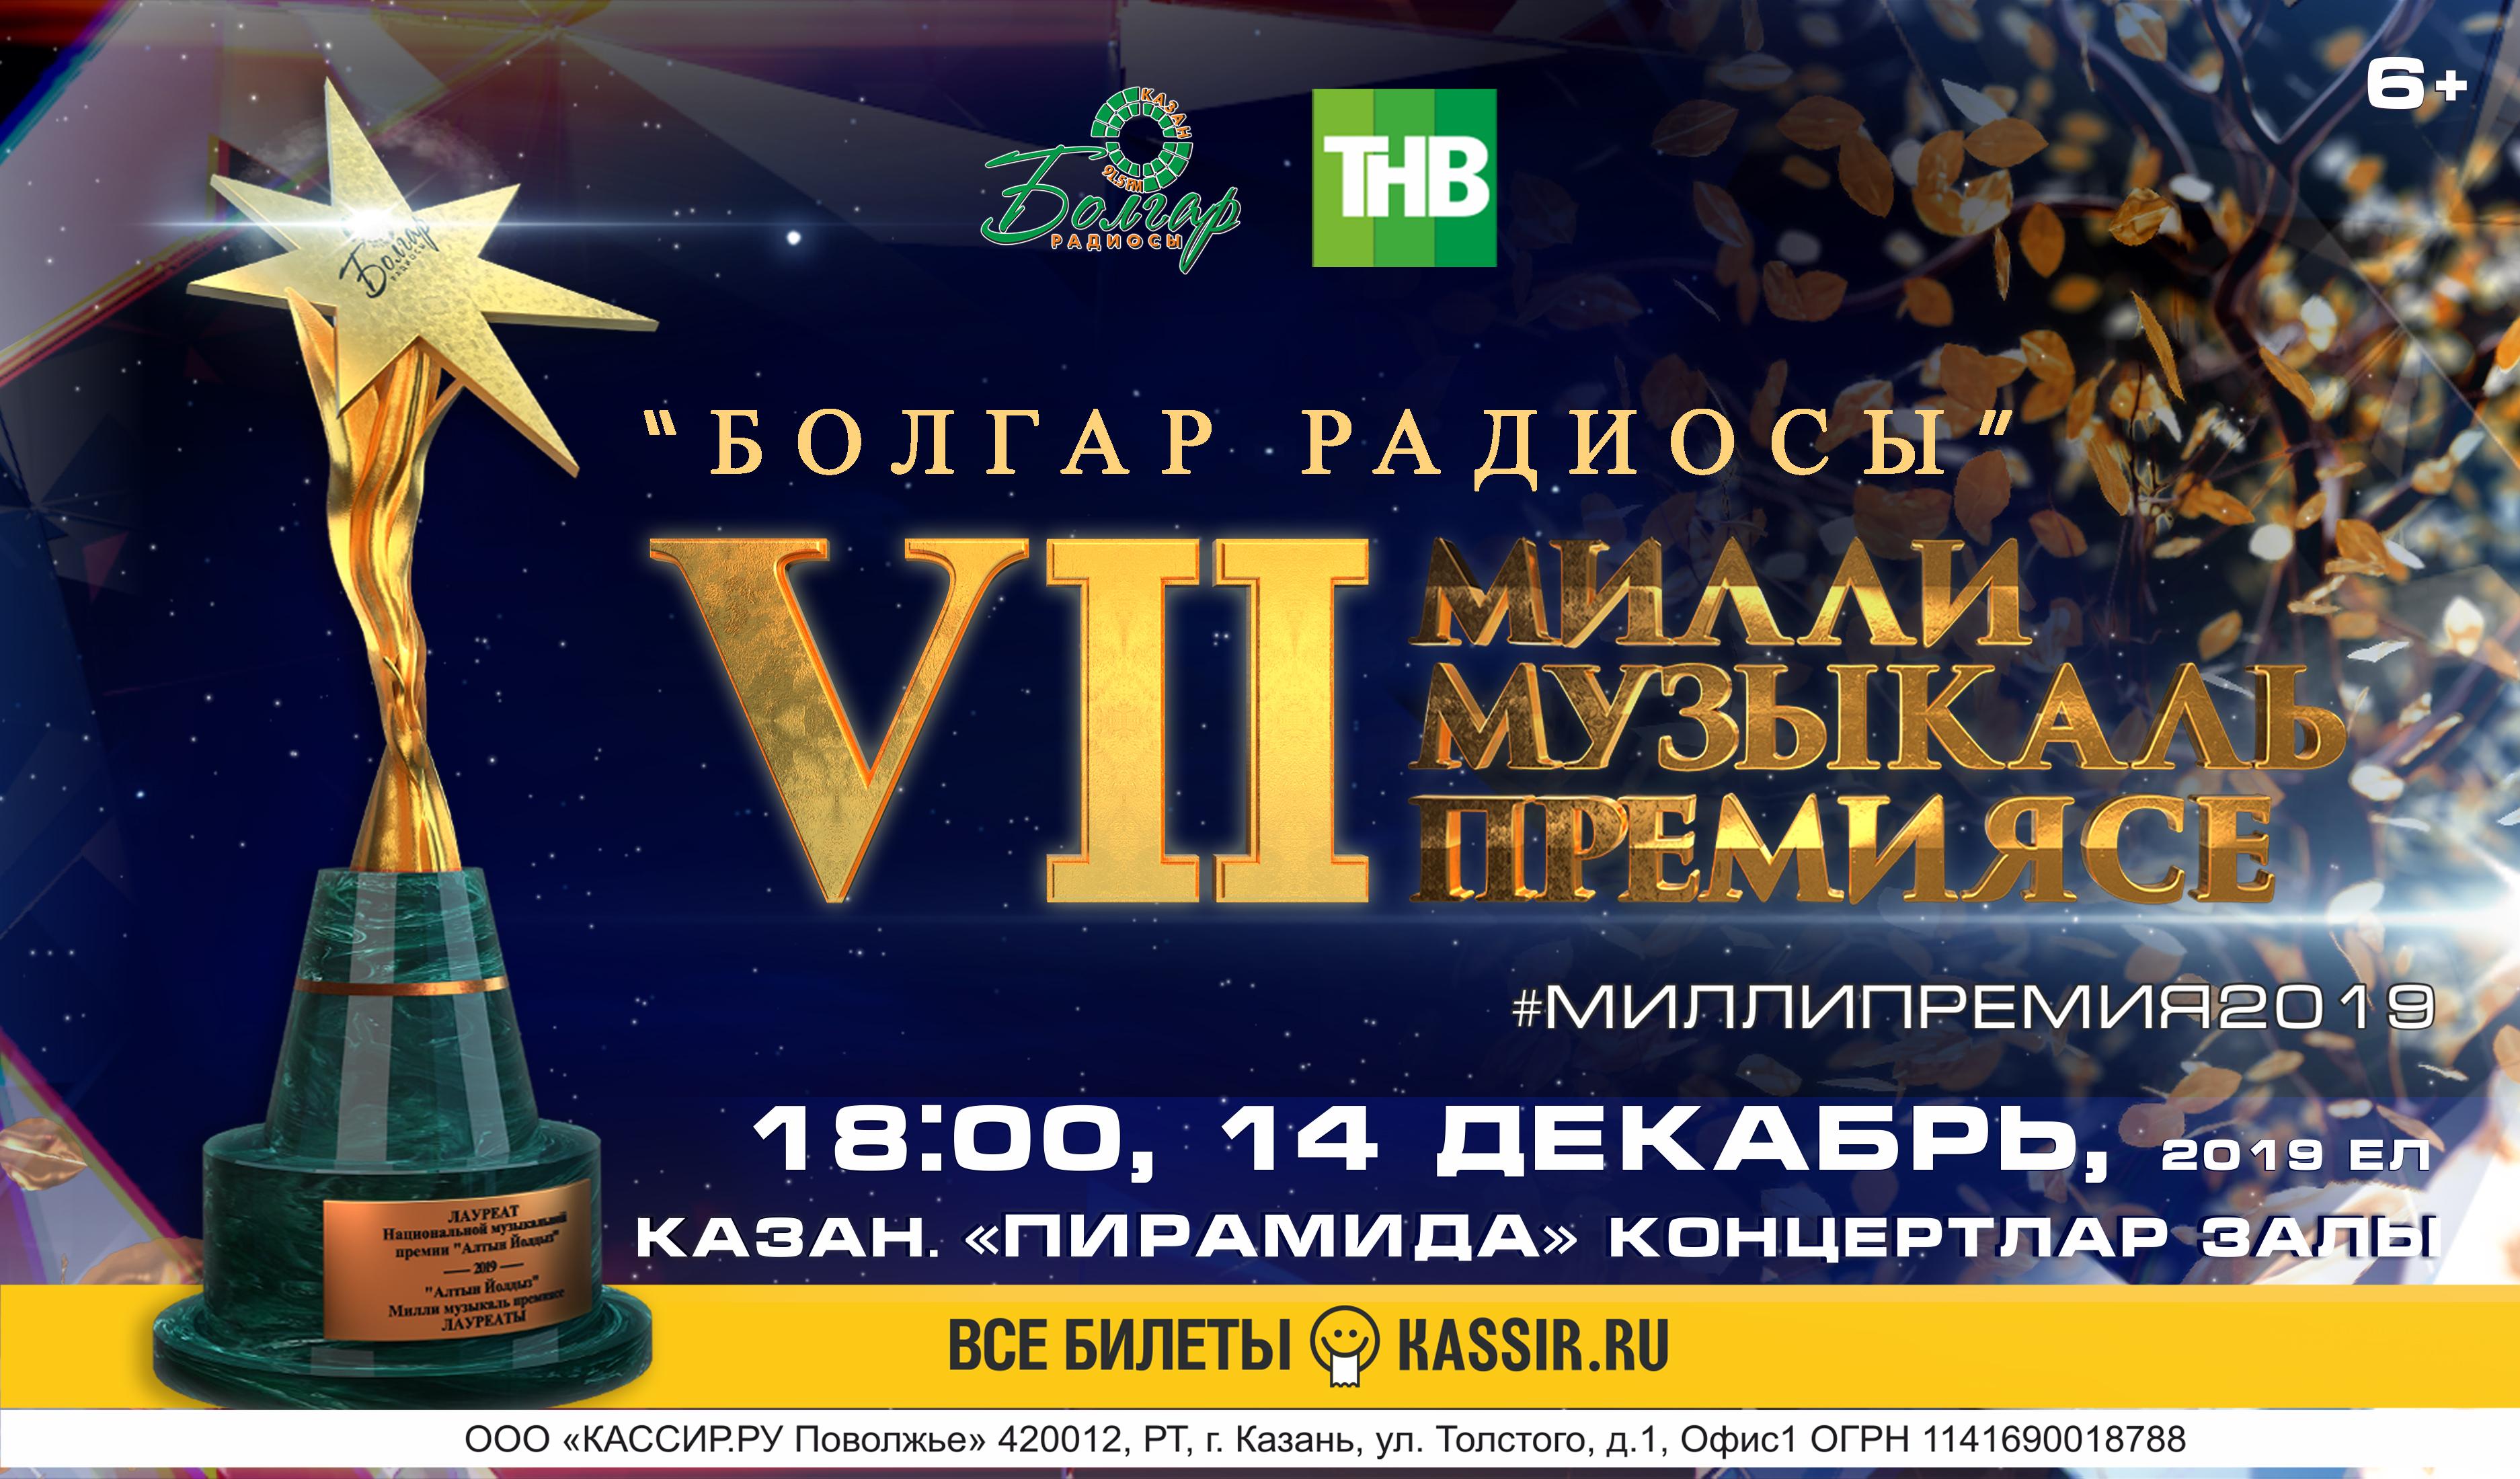 """VII Национальная музыкальная премия """"Болгар радиосы"""""""